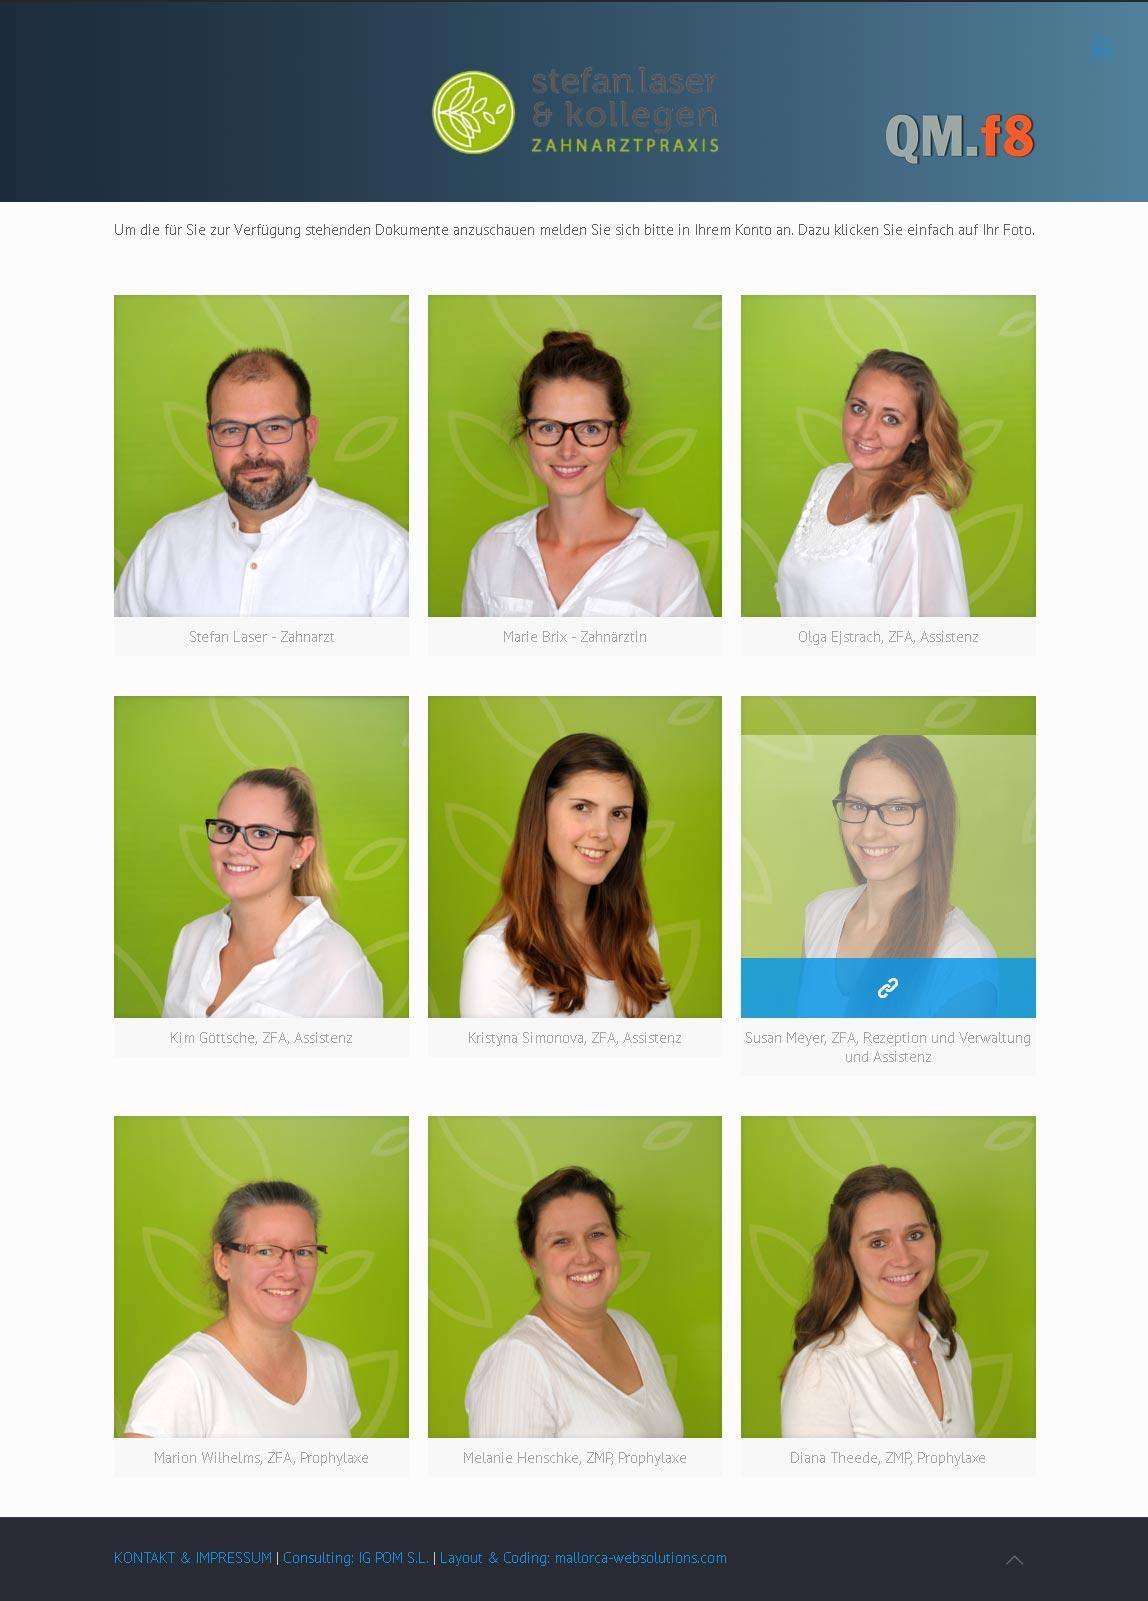 Qualitätsmanagement Zahnarztpraxis Stefan Laser<br />Entwicklung der CI, Grafik & Layout für Online<br />www.qmf8.de